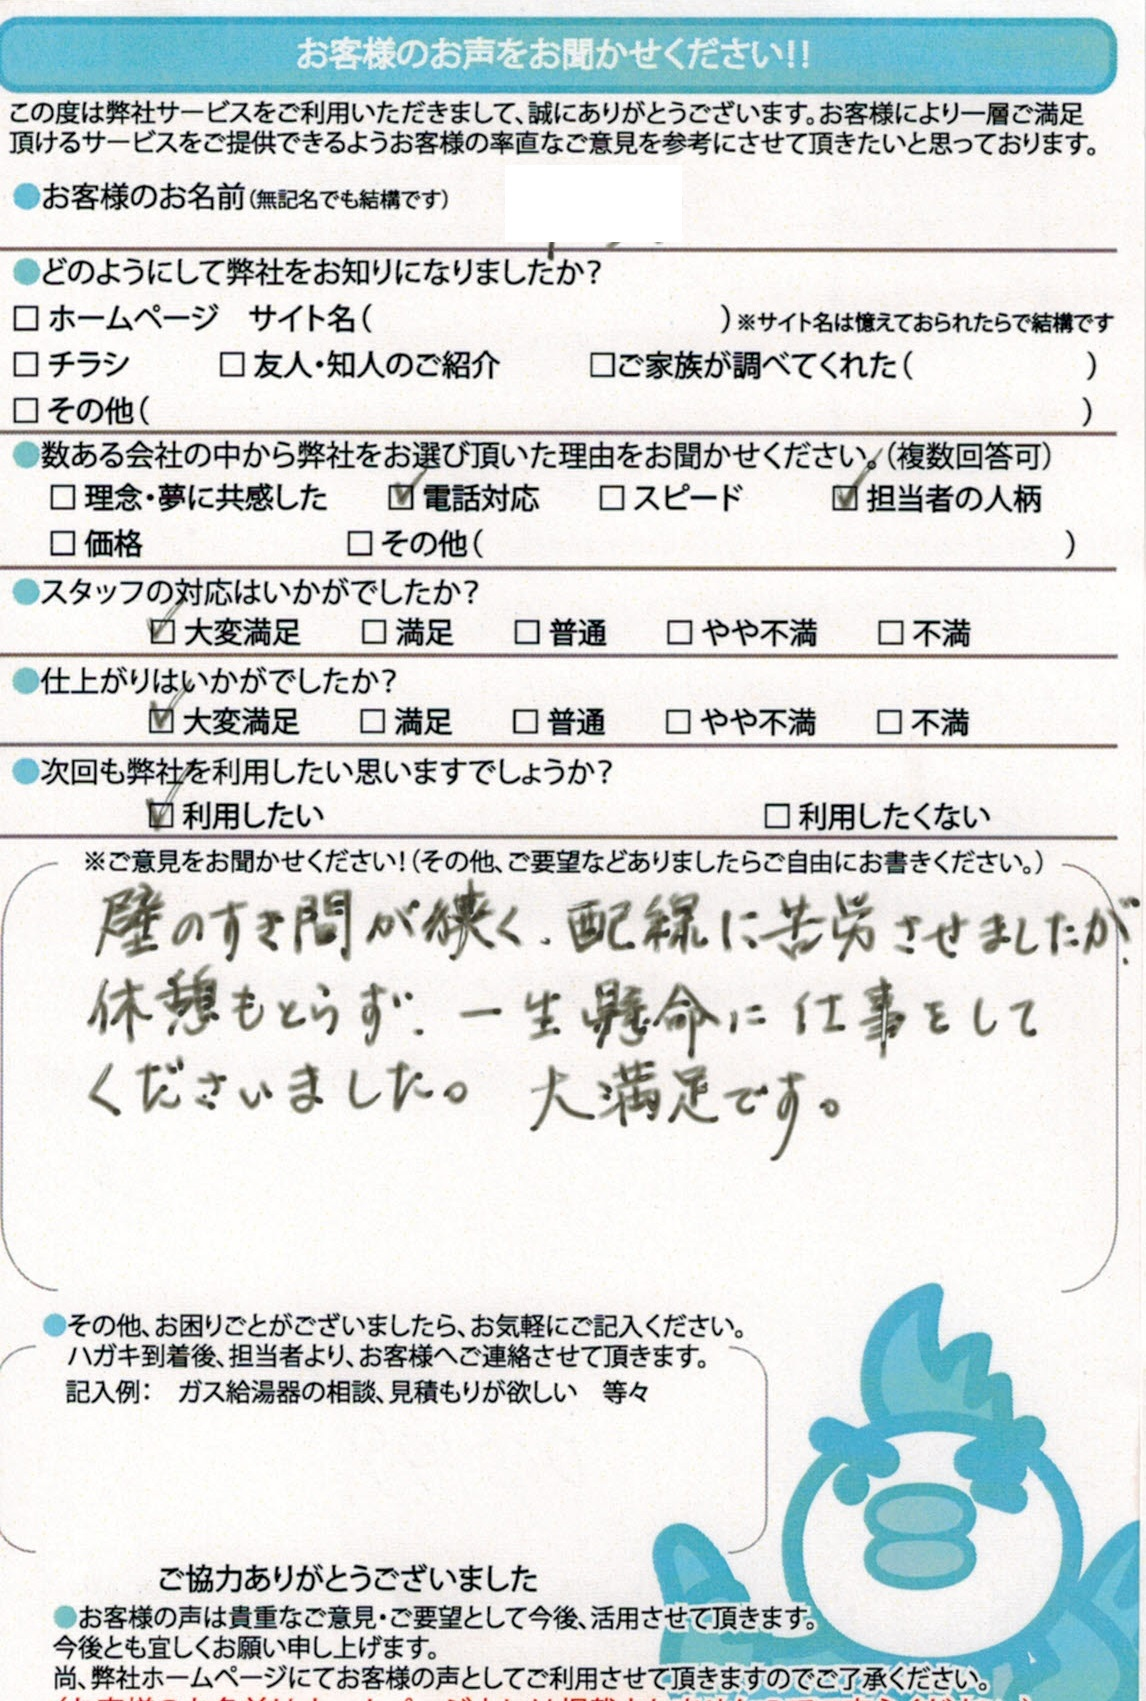 【ハガキ】横浜市浴室テレビ交換工事お客様の声【アンシンサービス24】